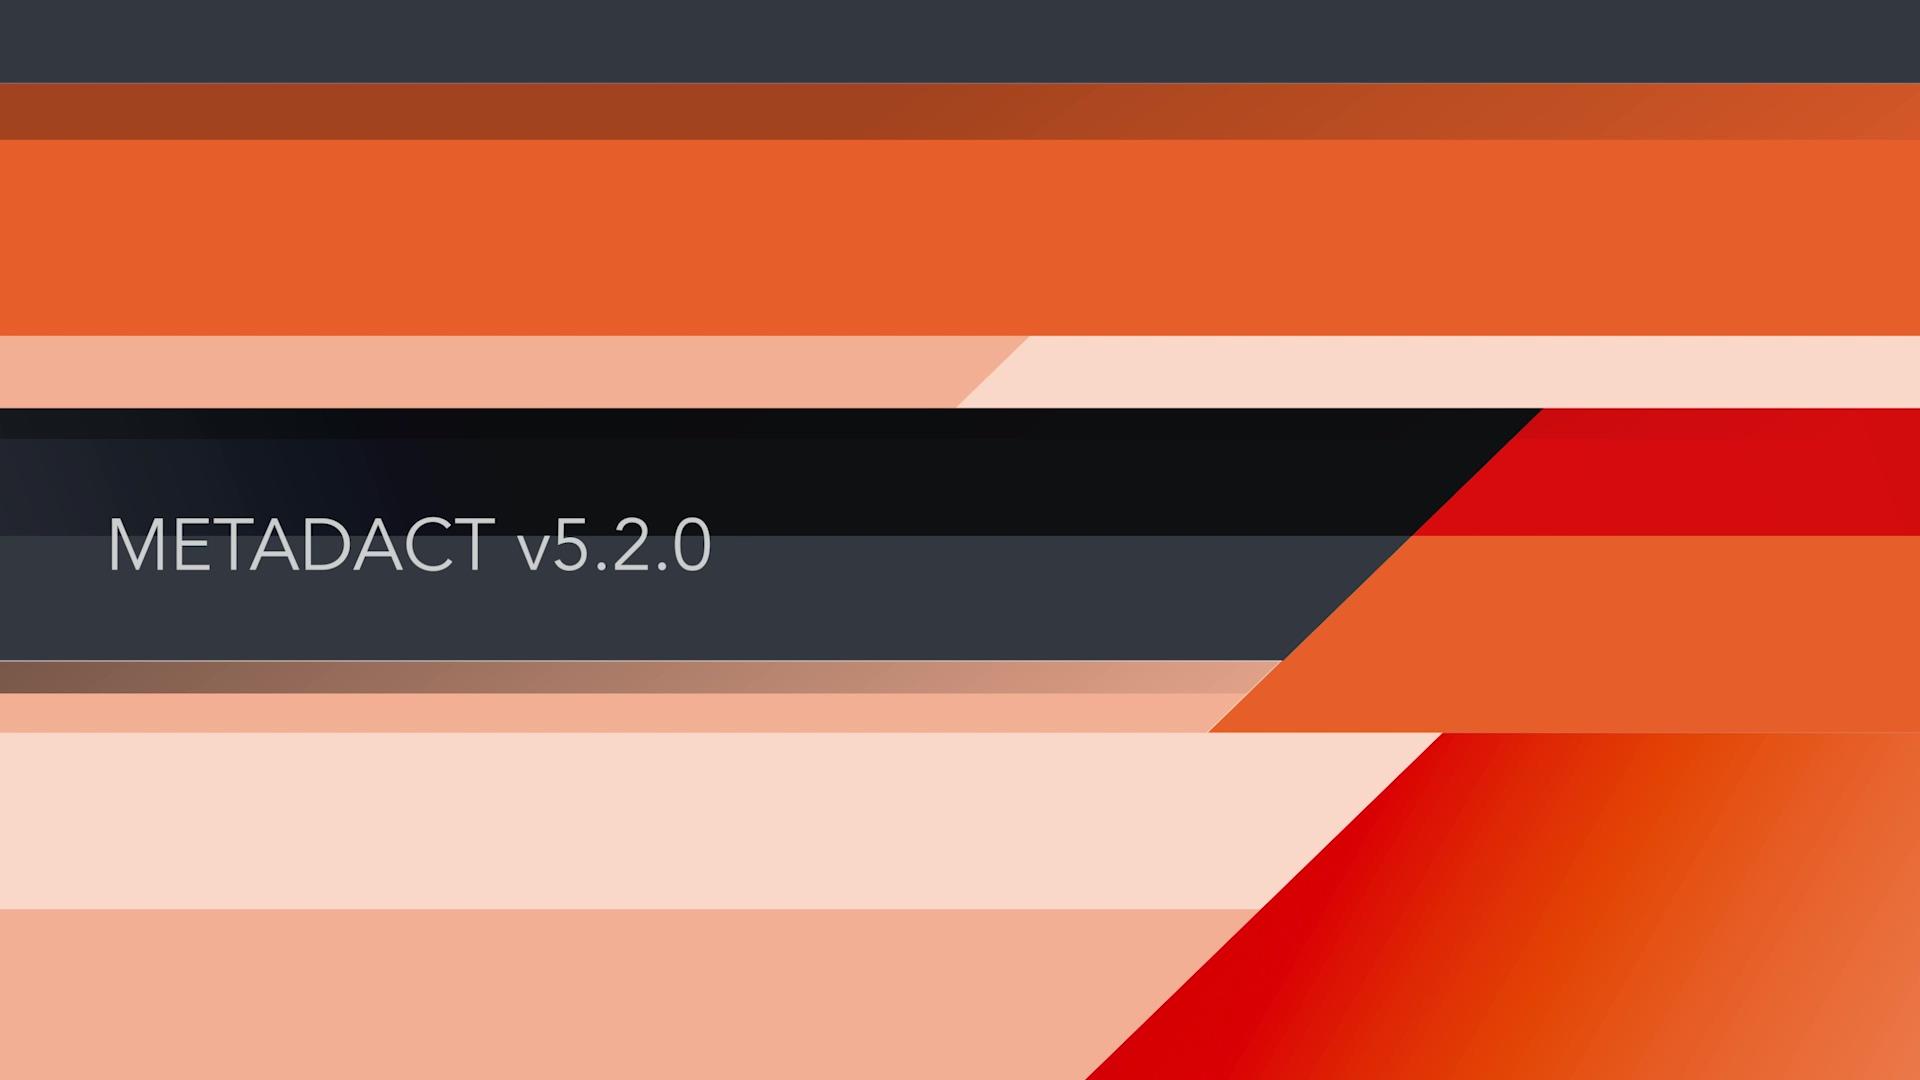 Metadact Q4 Release, Version 5.2.0